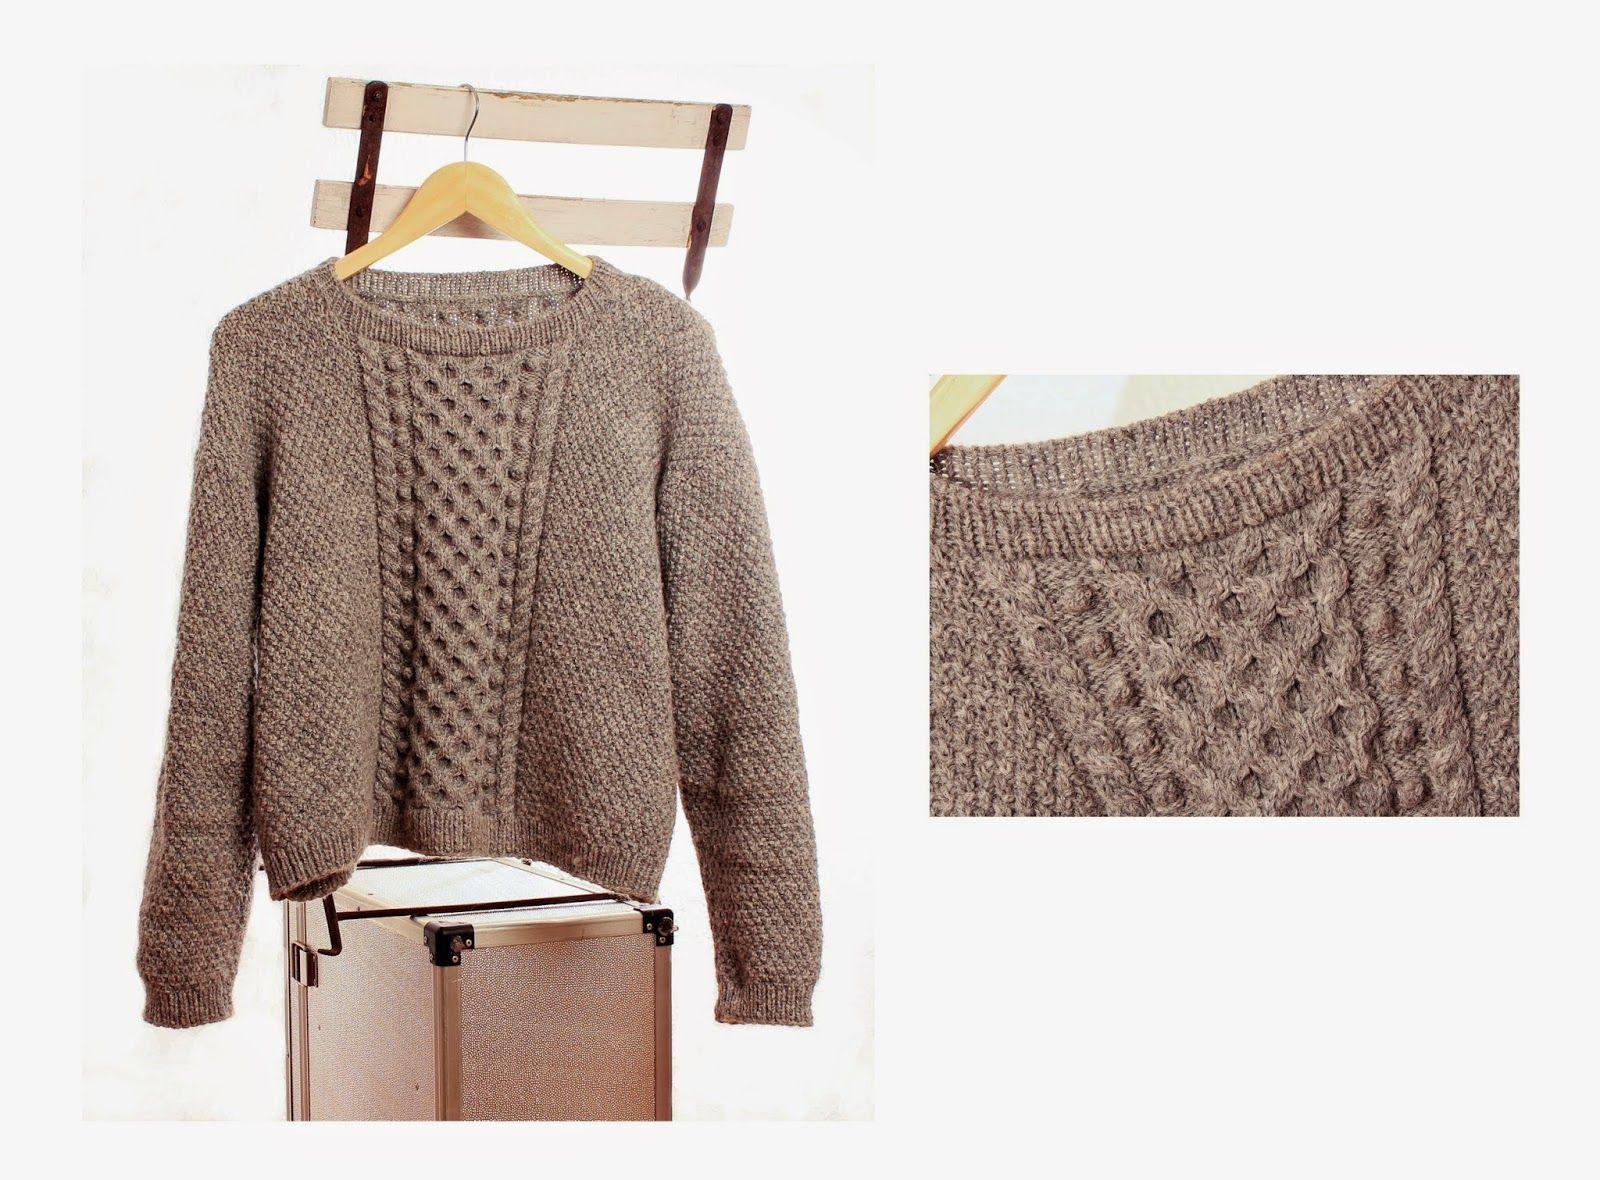 Handarbeiten macht glücklich: Pullover mit Dreieckstuch in grau mit einem Tick r...